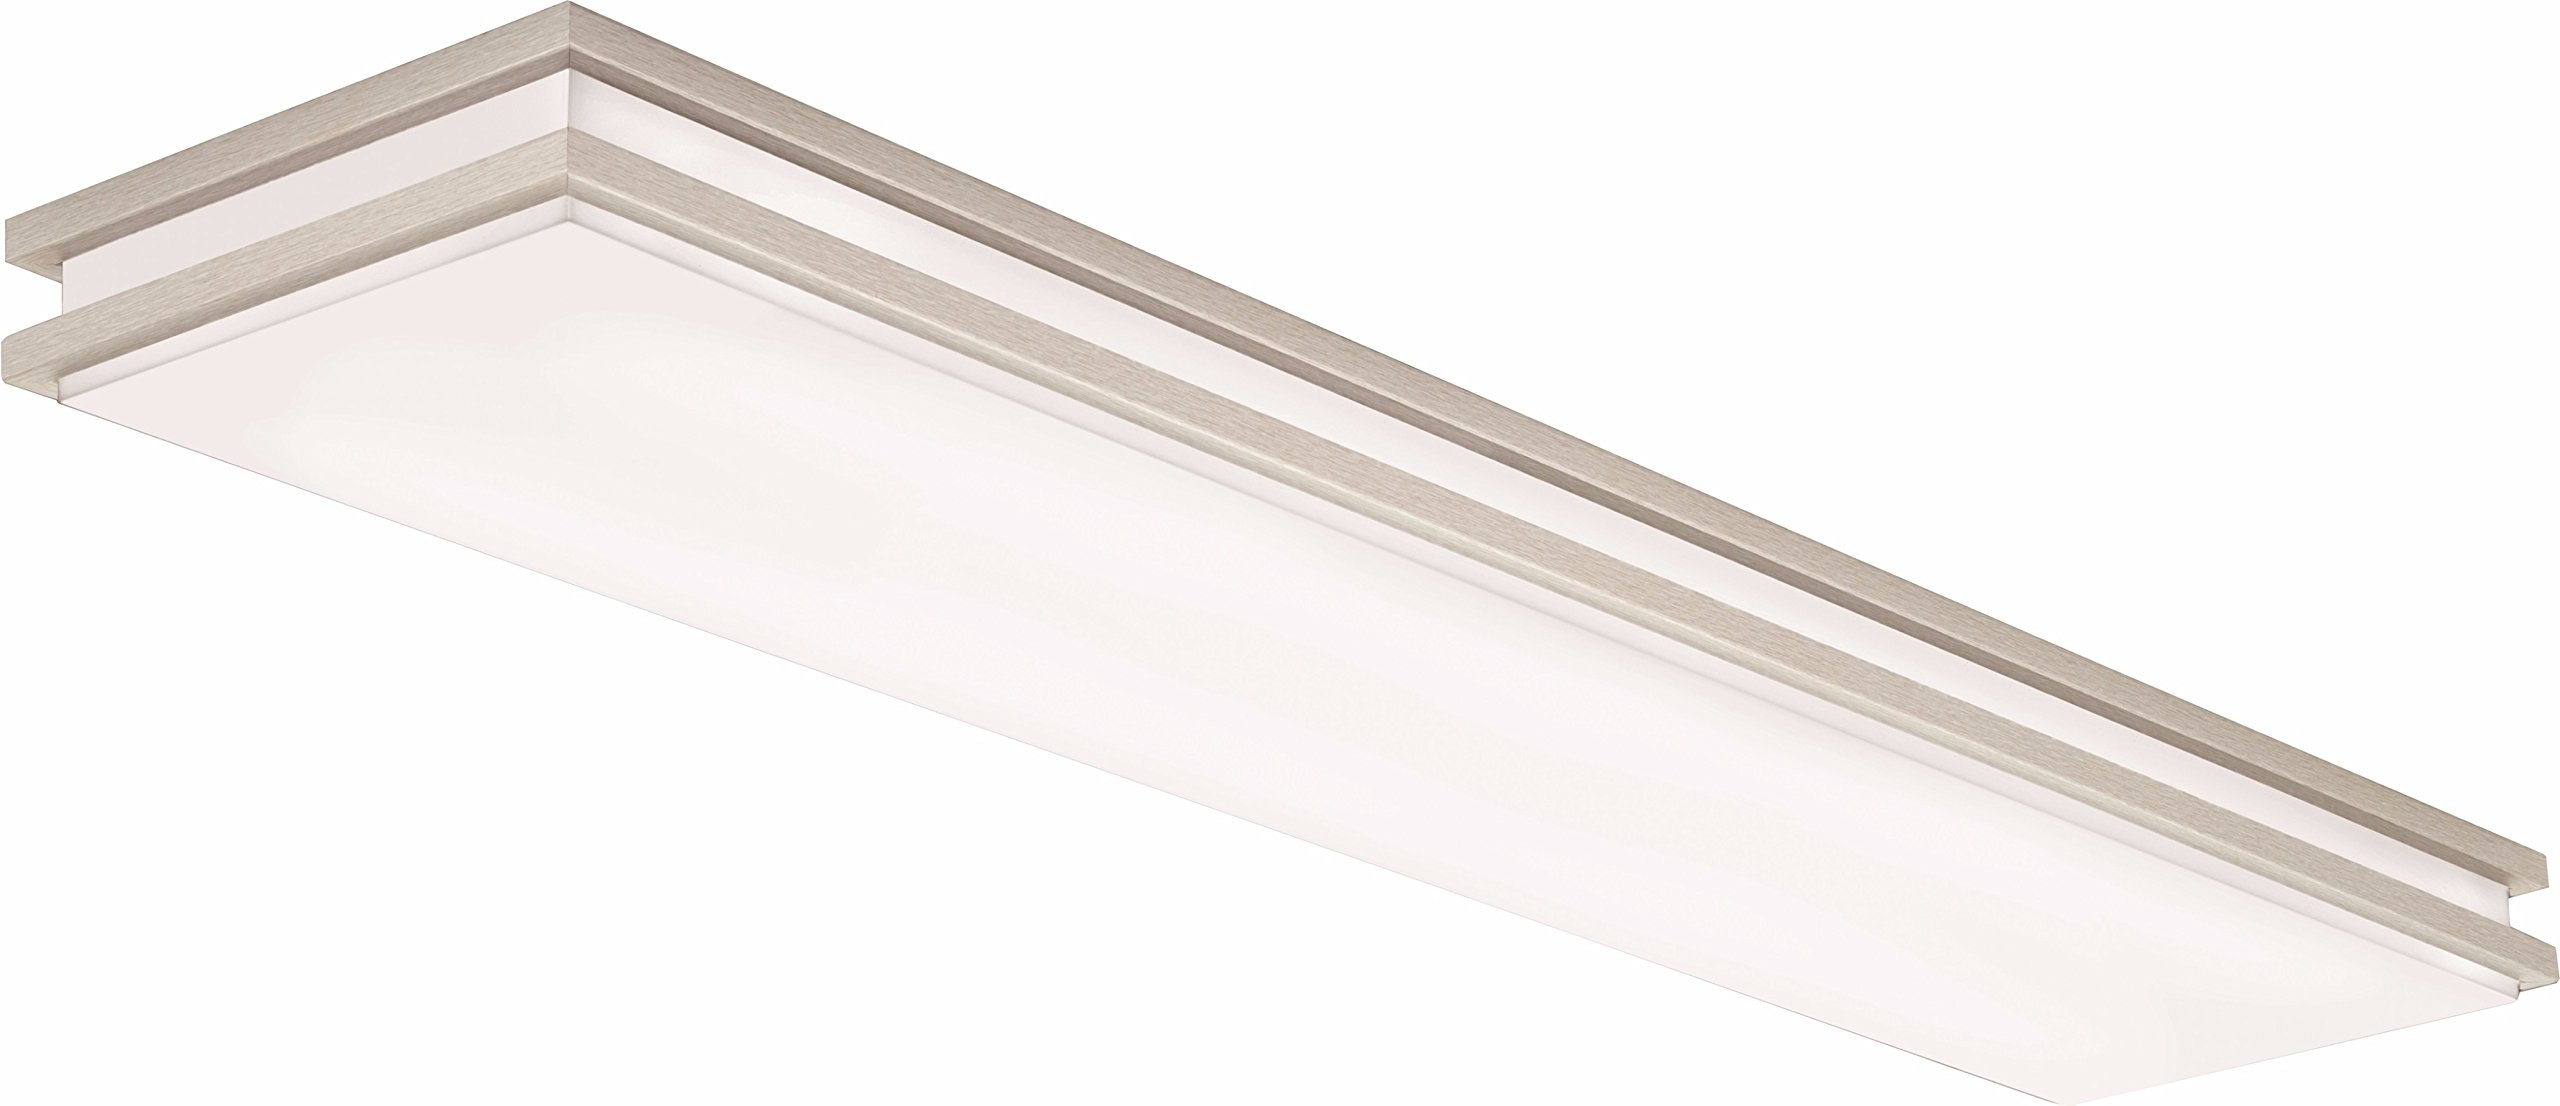 Lithonia Lighting Brushed Nickel 4-Ft LED Flush Mount 4000K 35.5W  sc 1 st  Amazon.com & Rectangular Lighting Fixtures: Amazon.com